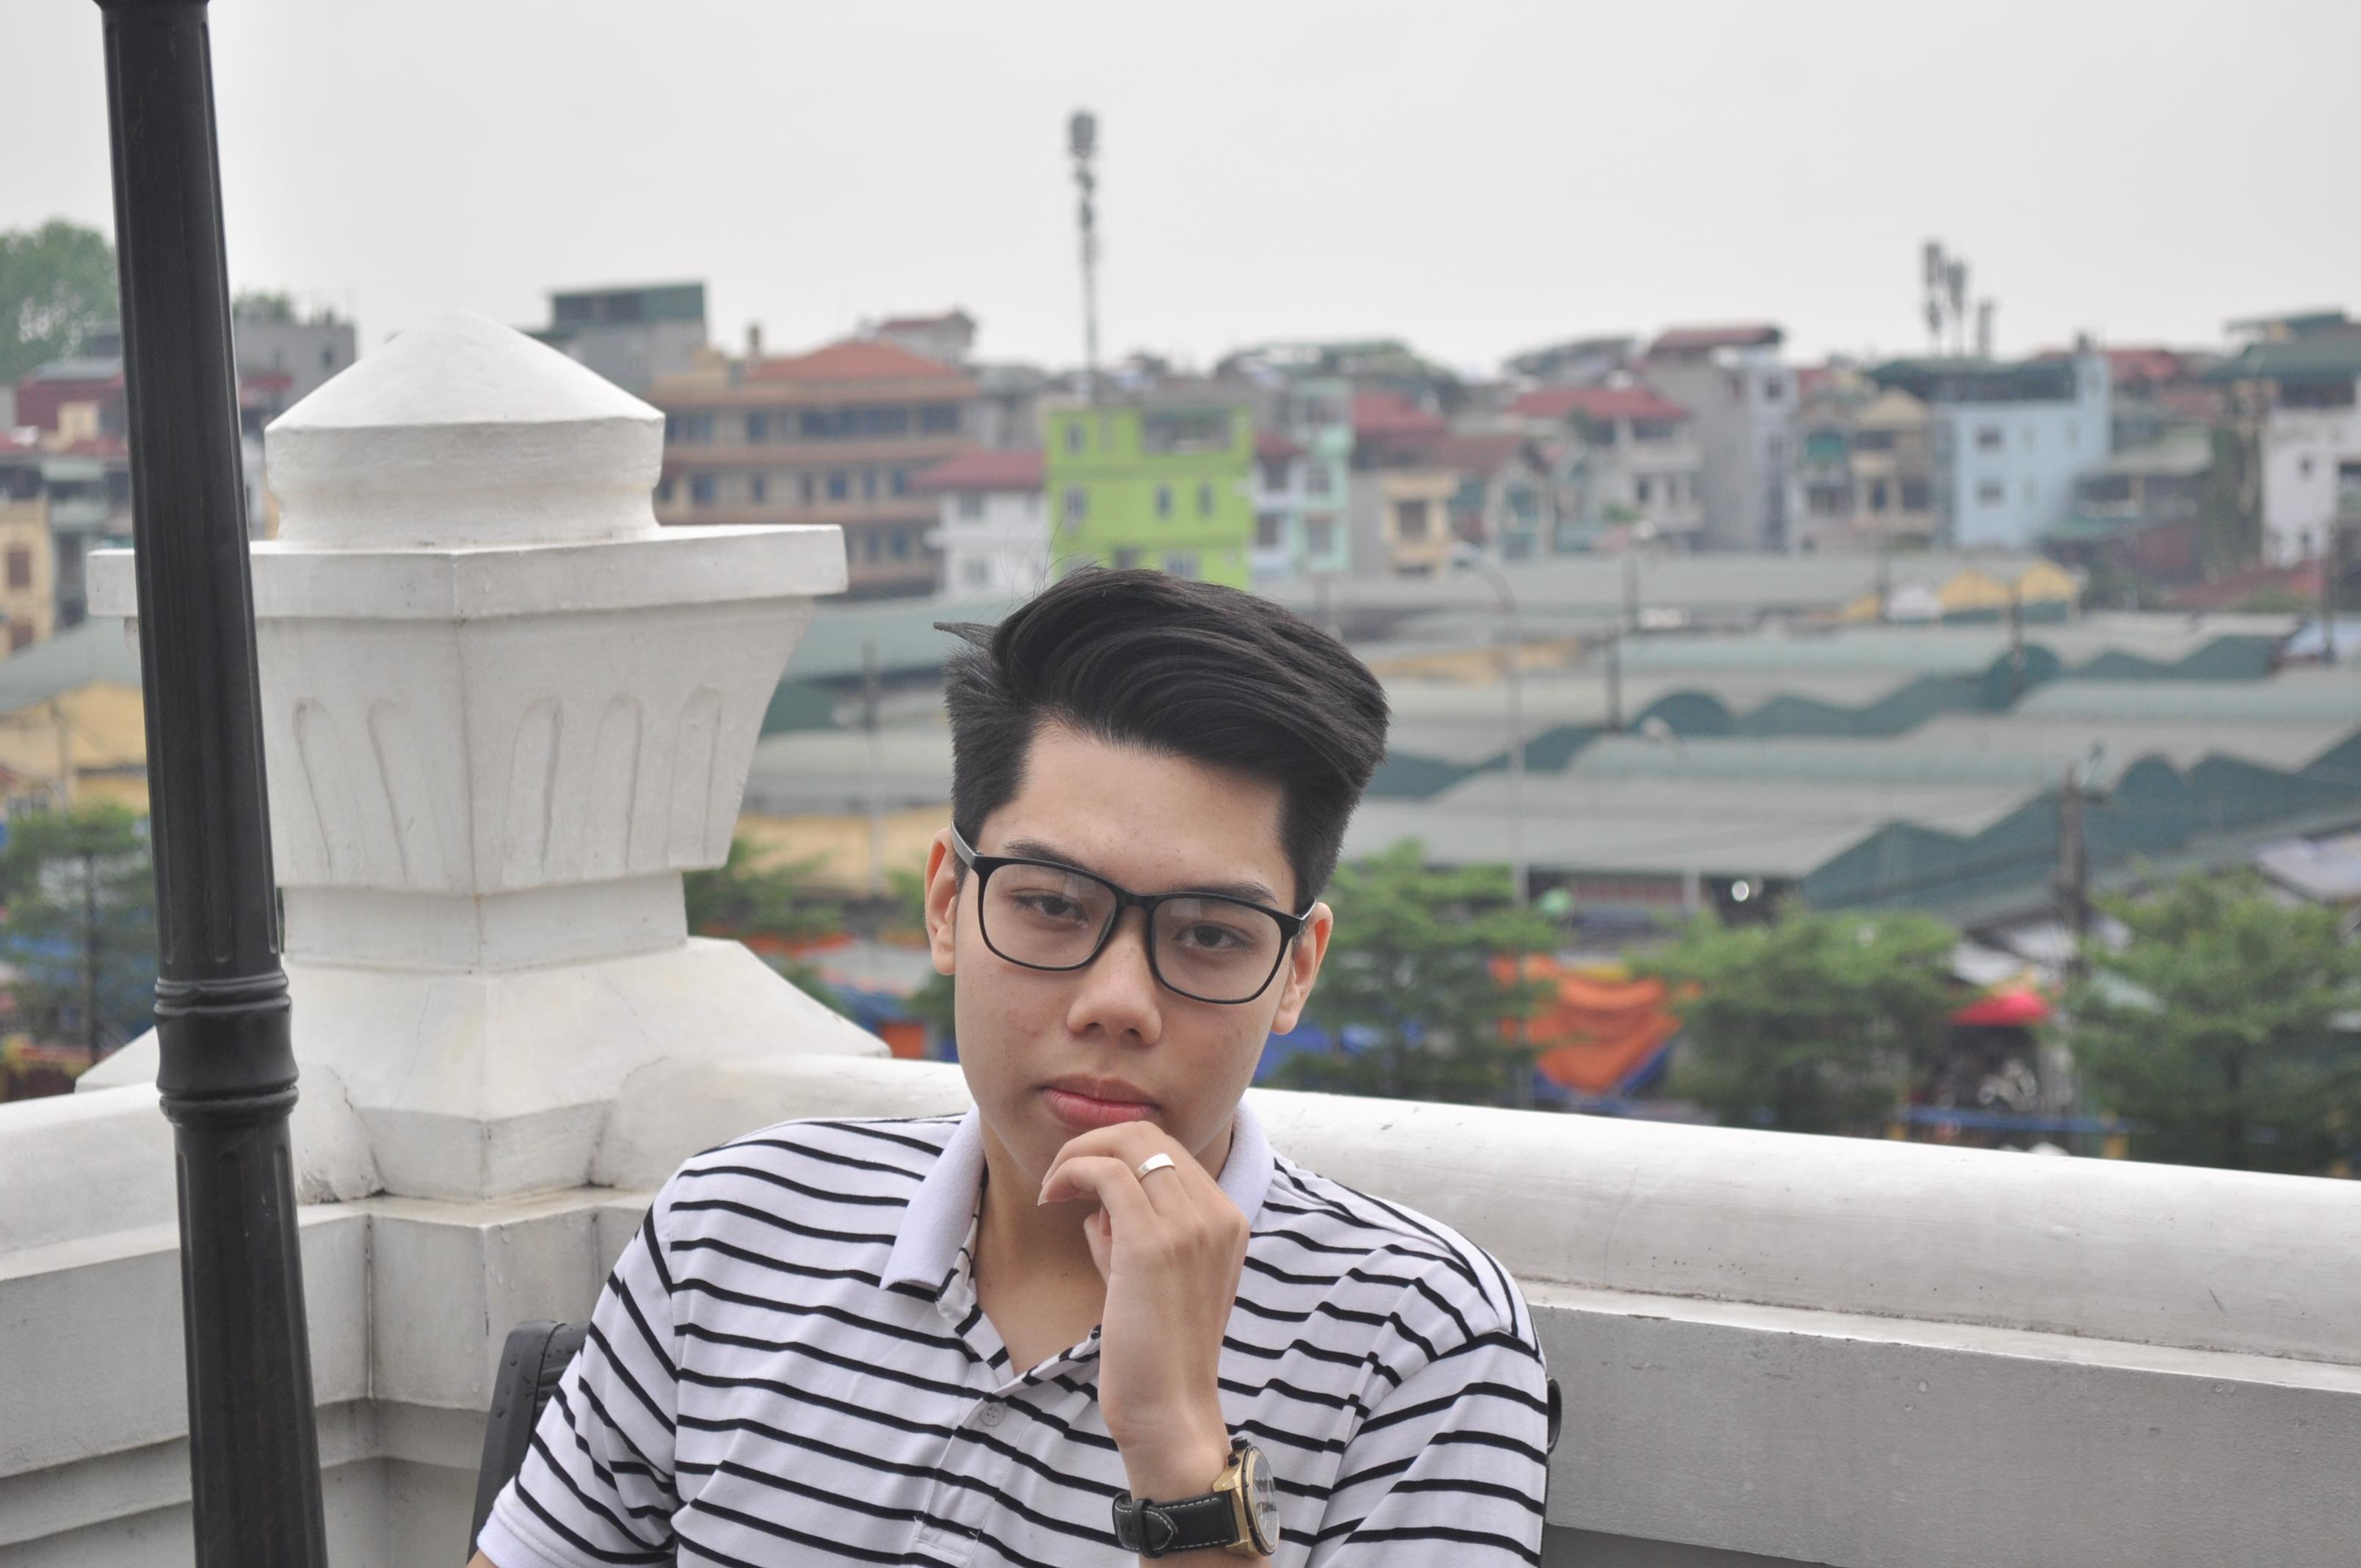 Bùi Thành Đạt (1999 - ĐH Thủ đô)